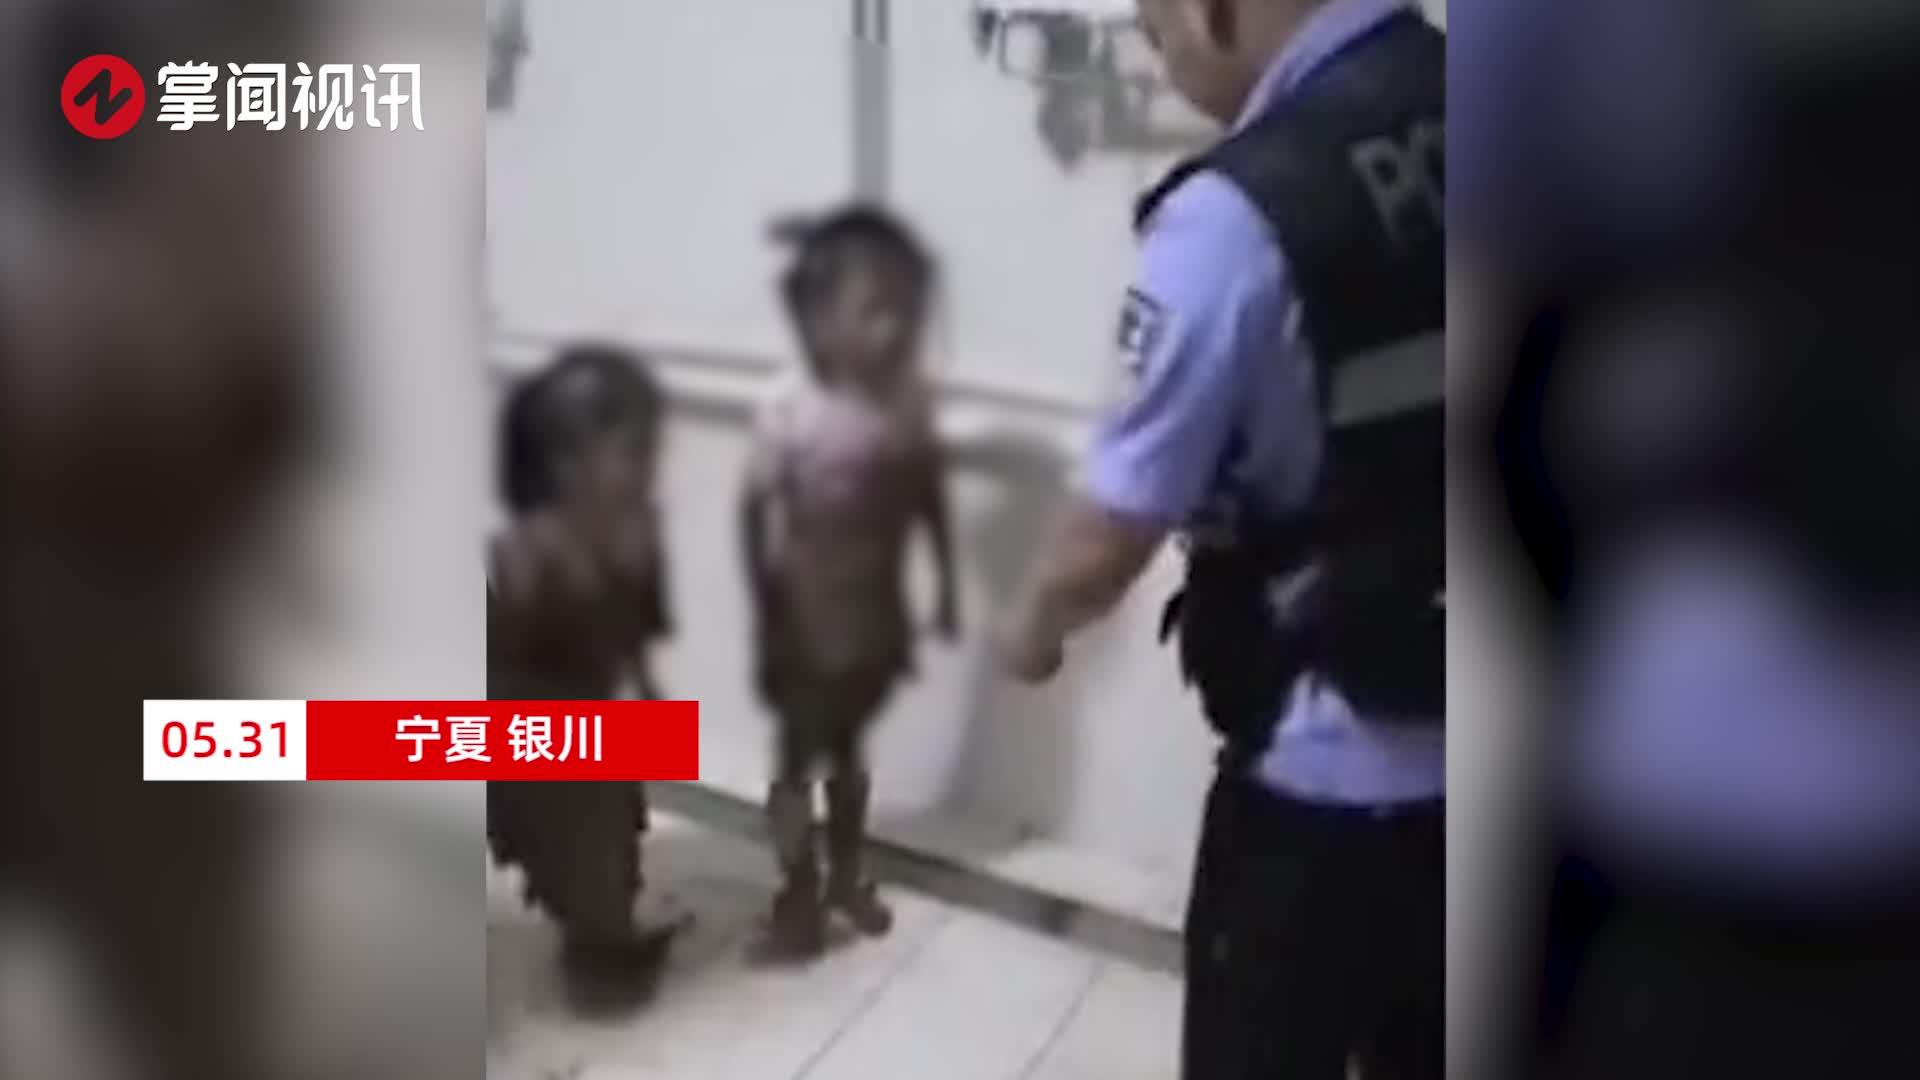 2名女童因好奇身陷泥沼!民警将她俩捞出后带回清洗像极了老父亲